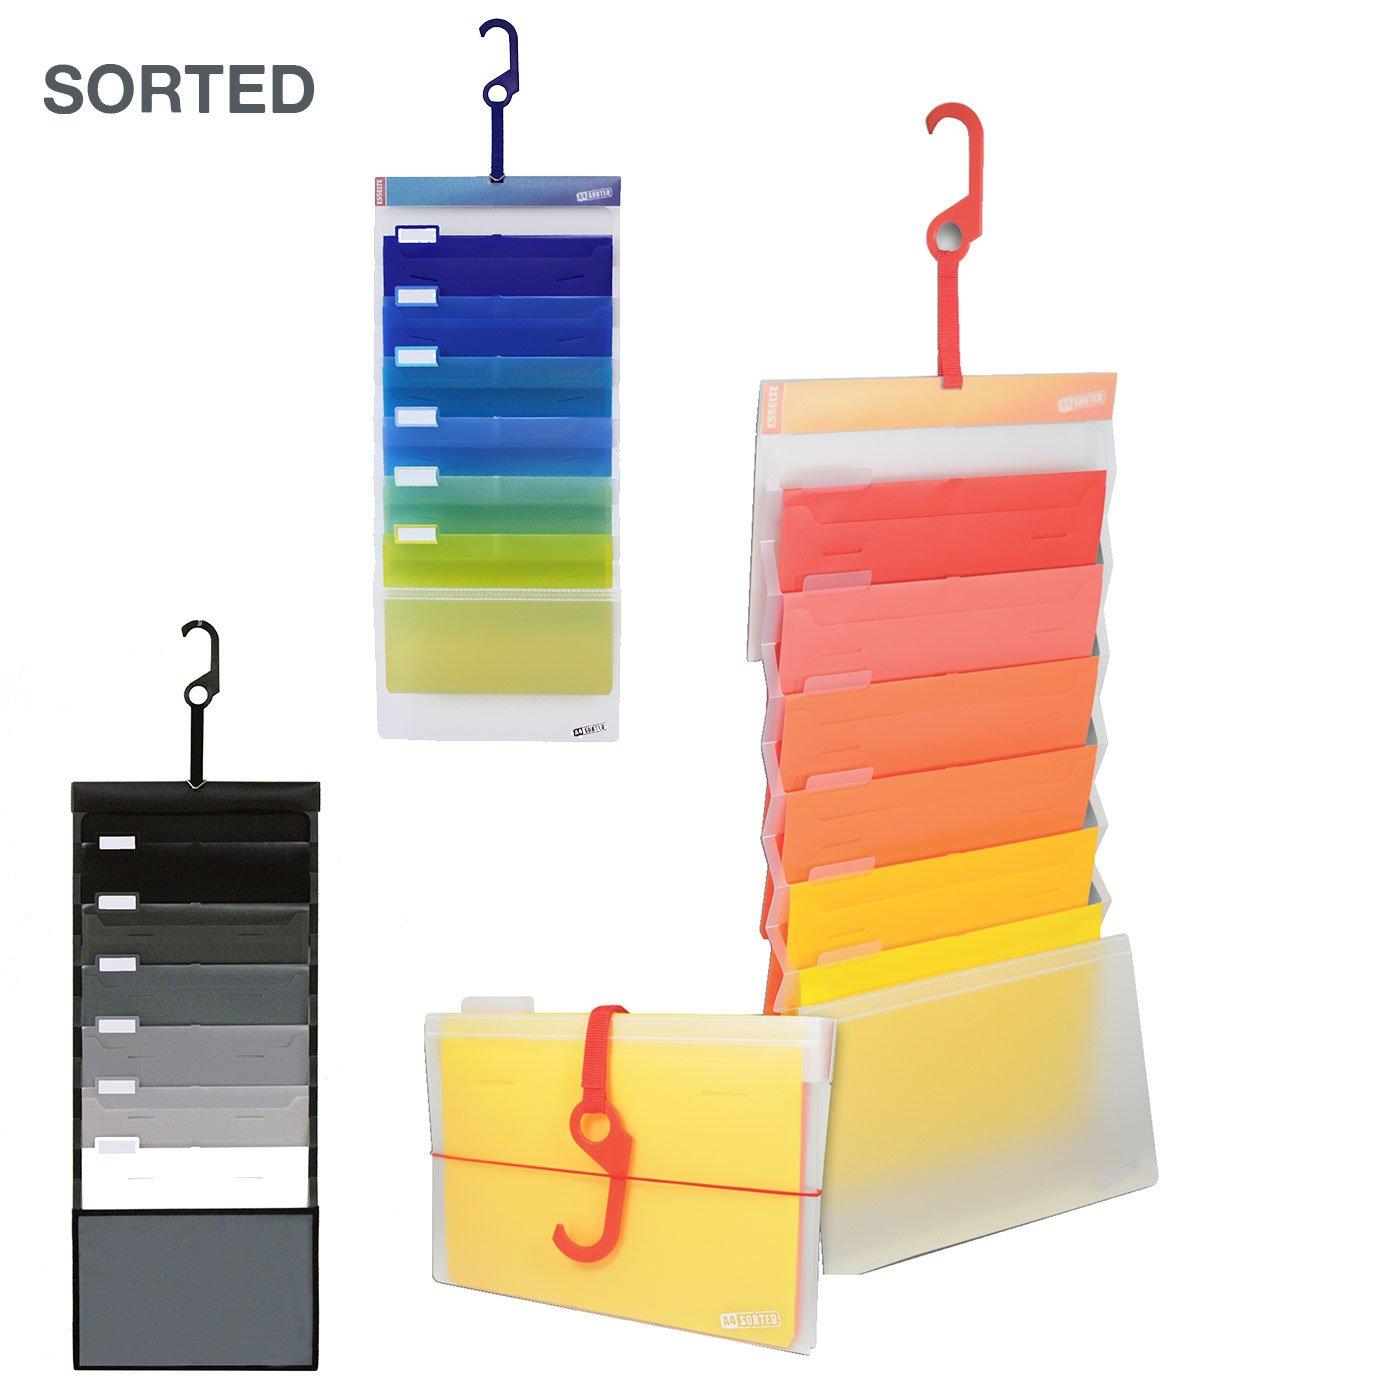 つり下げてもたたんでも使える書類整理ケース ソーテッド(A4サイズ6段)